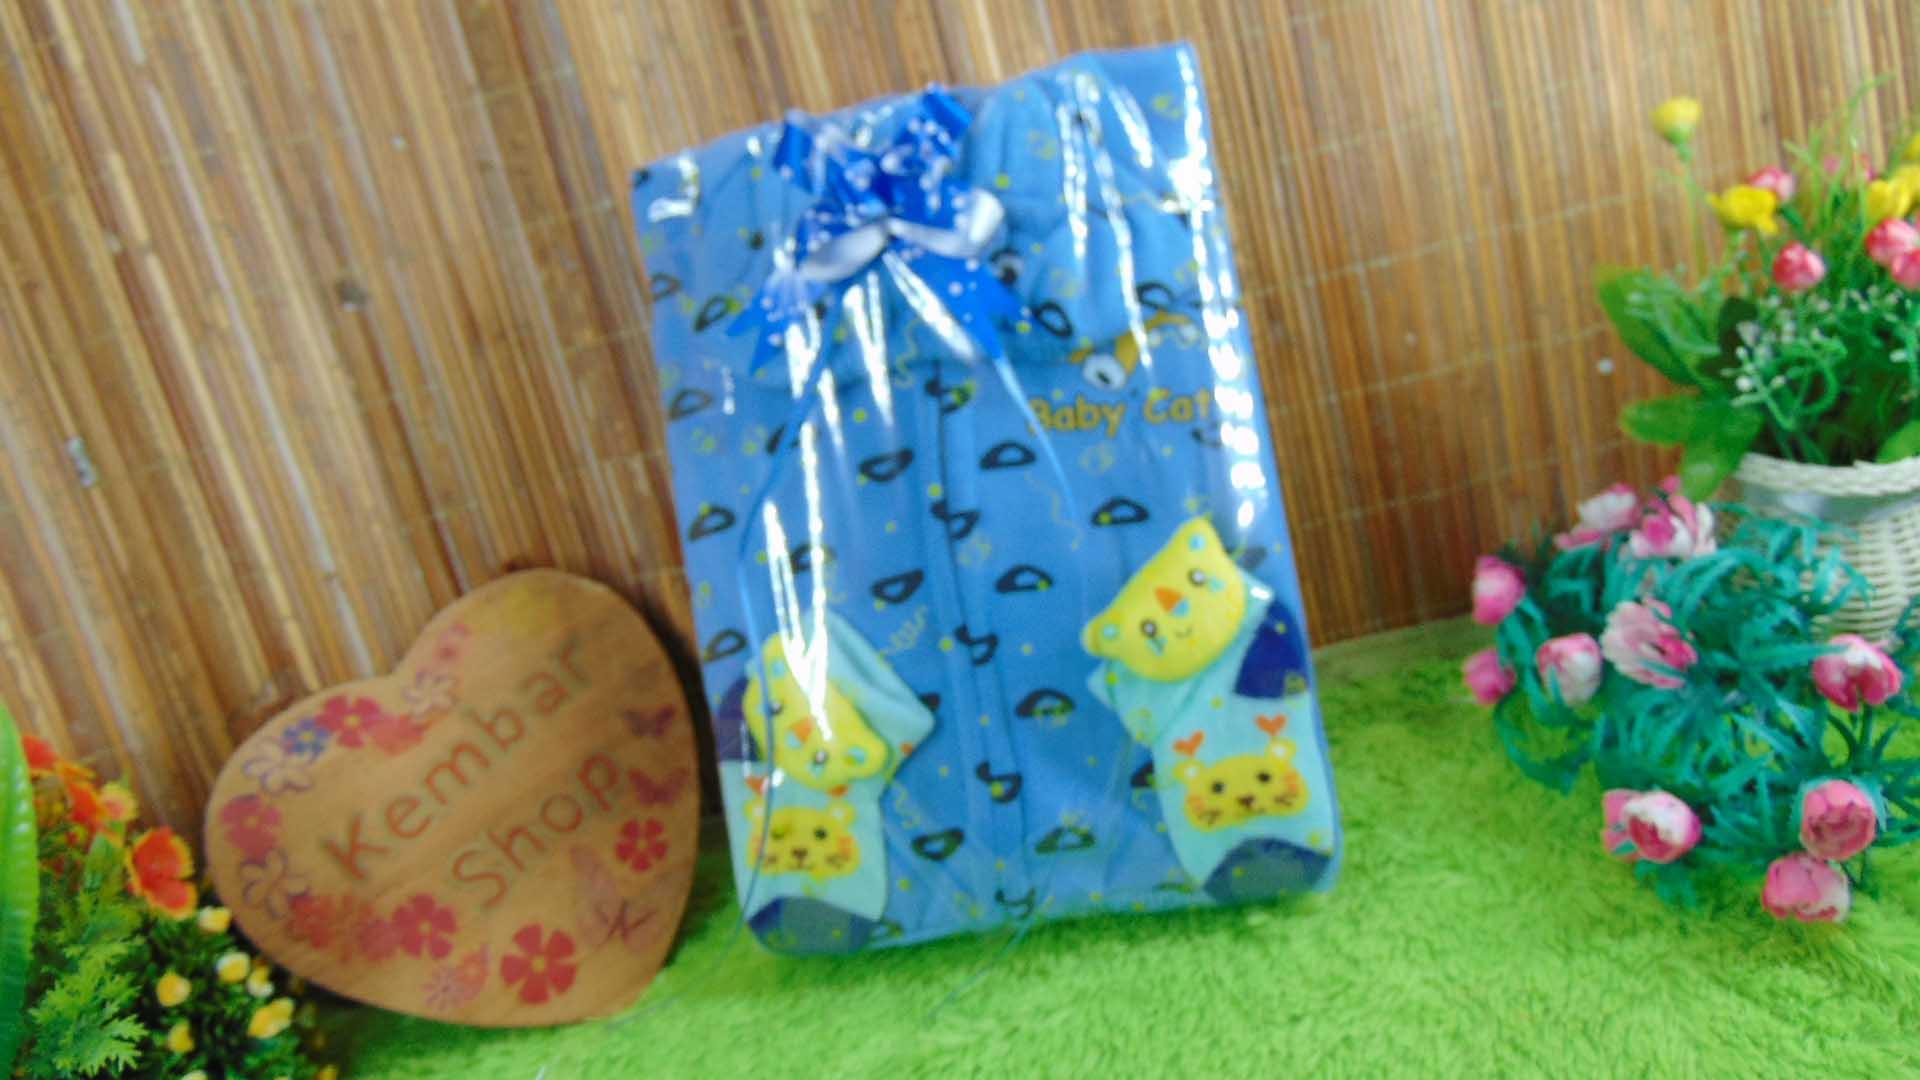 FREE KARTU UCAPAN kado bayi baby gift set jaket sock newborn 0-12bulan plus kaos kaki boneka (4)